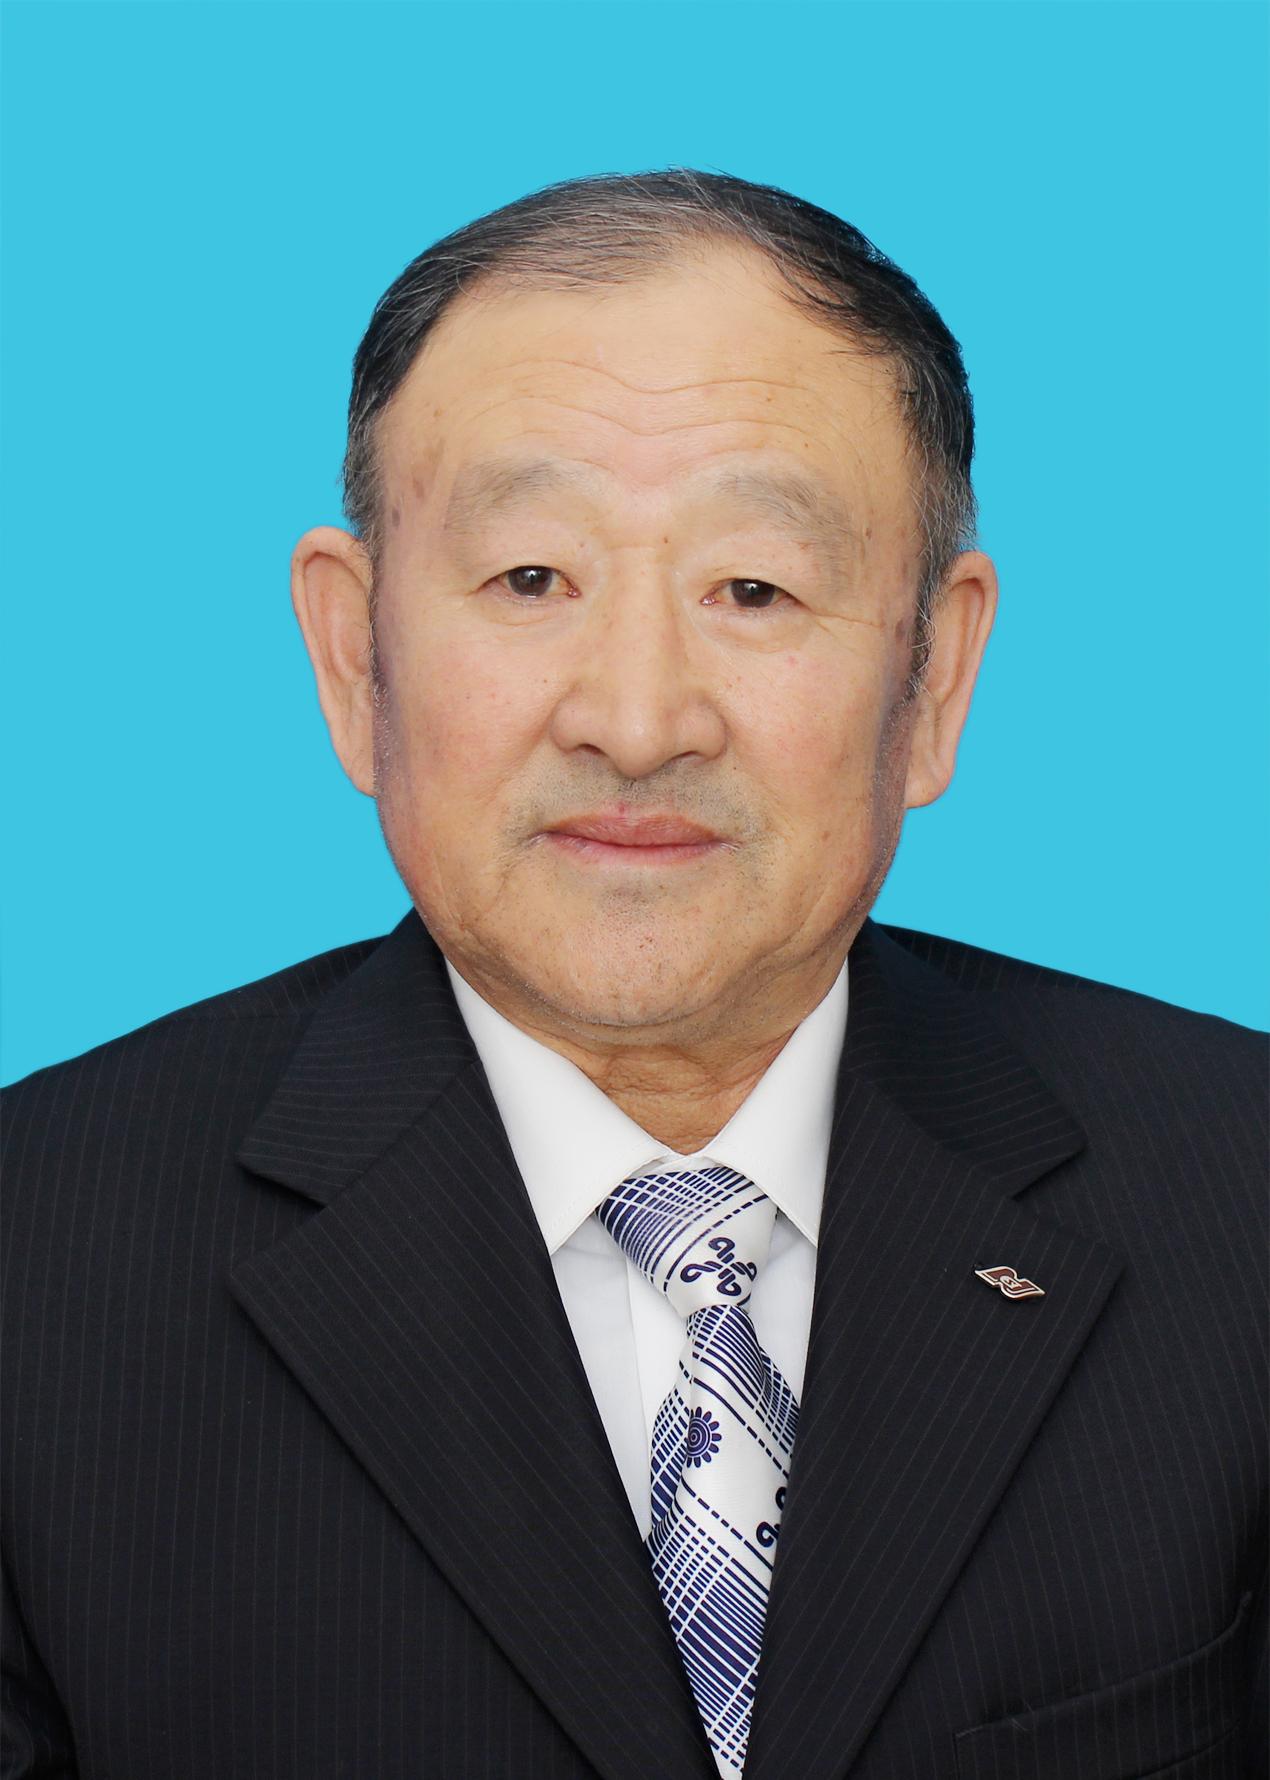 沈阳市诚实守信道德模范贺新.jpg